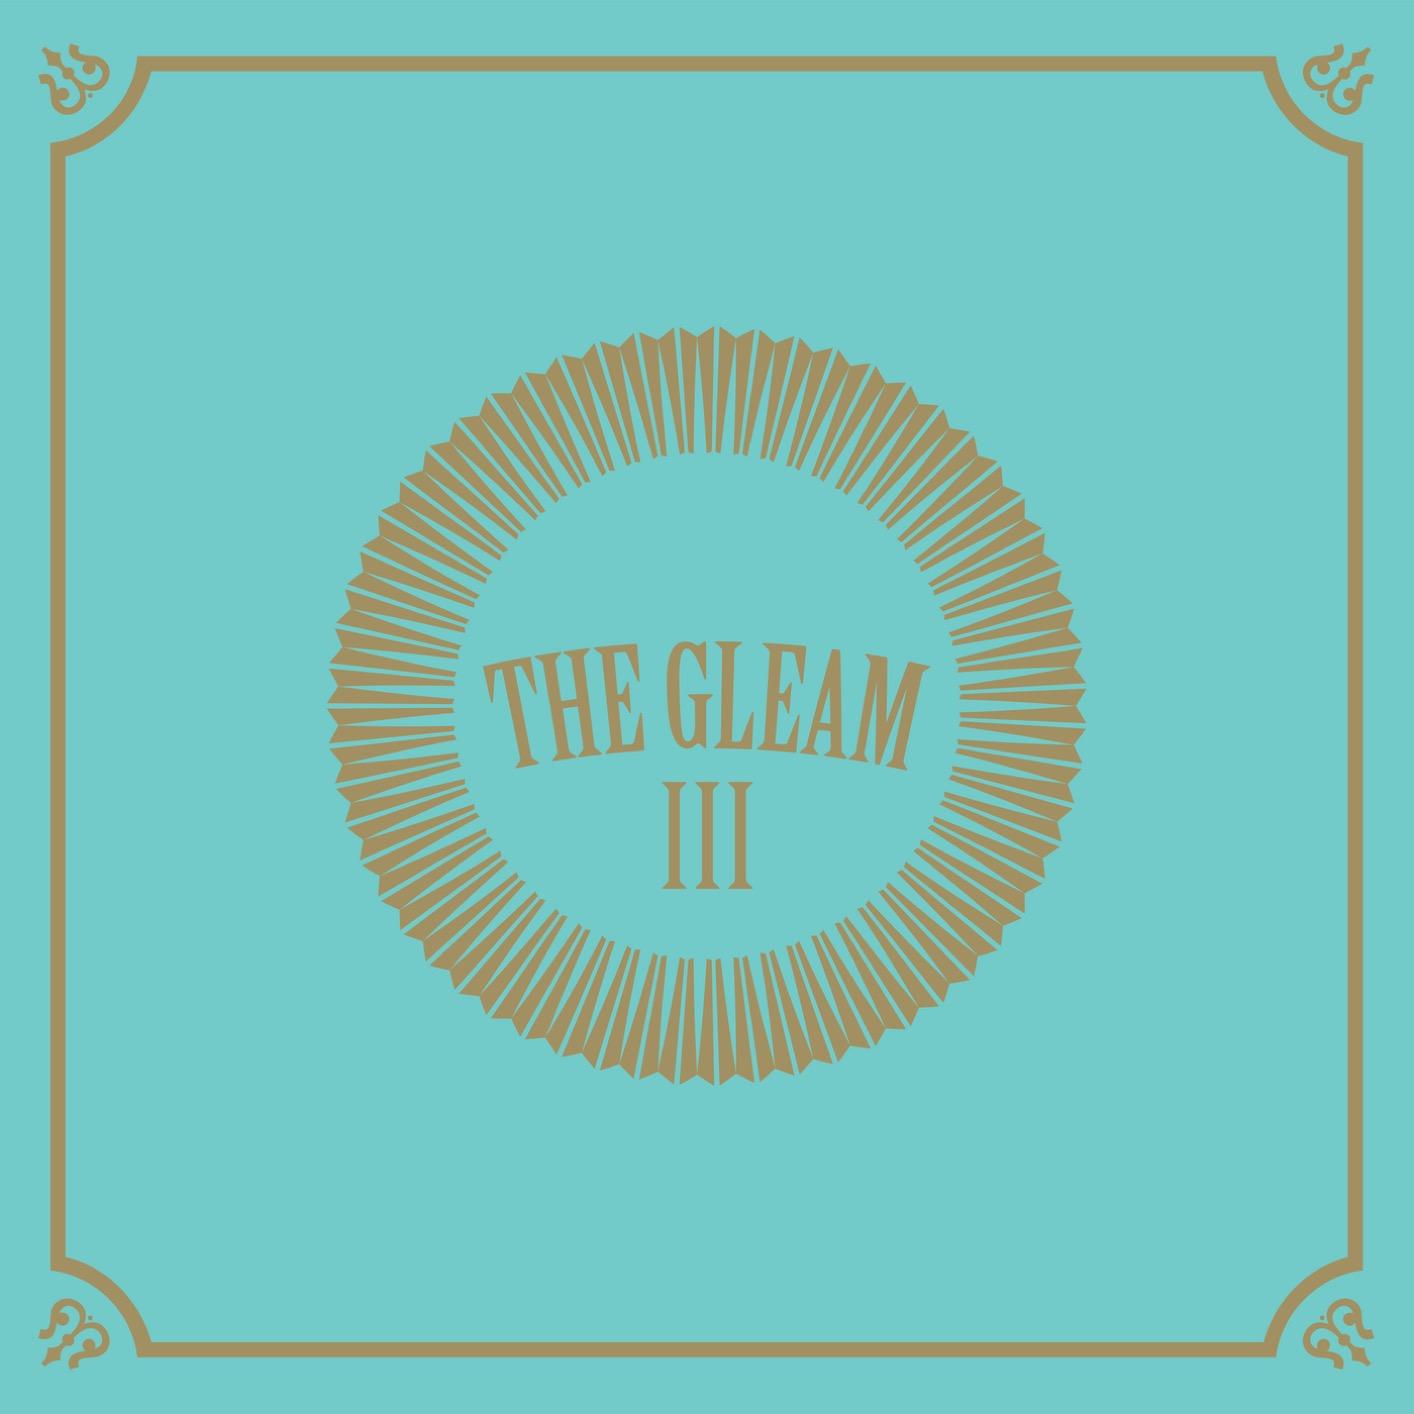 Avett Brothers, Gleam III